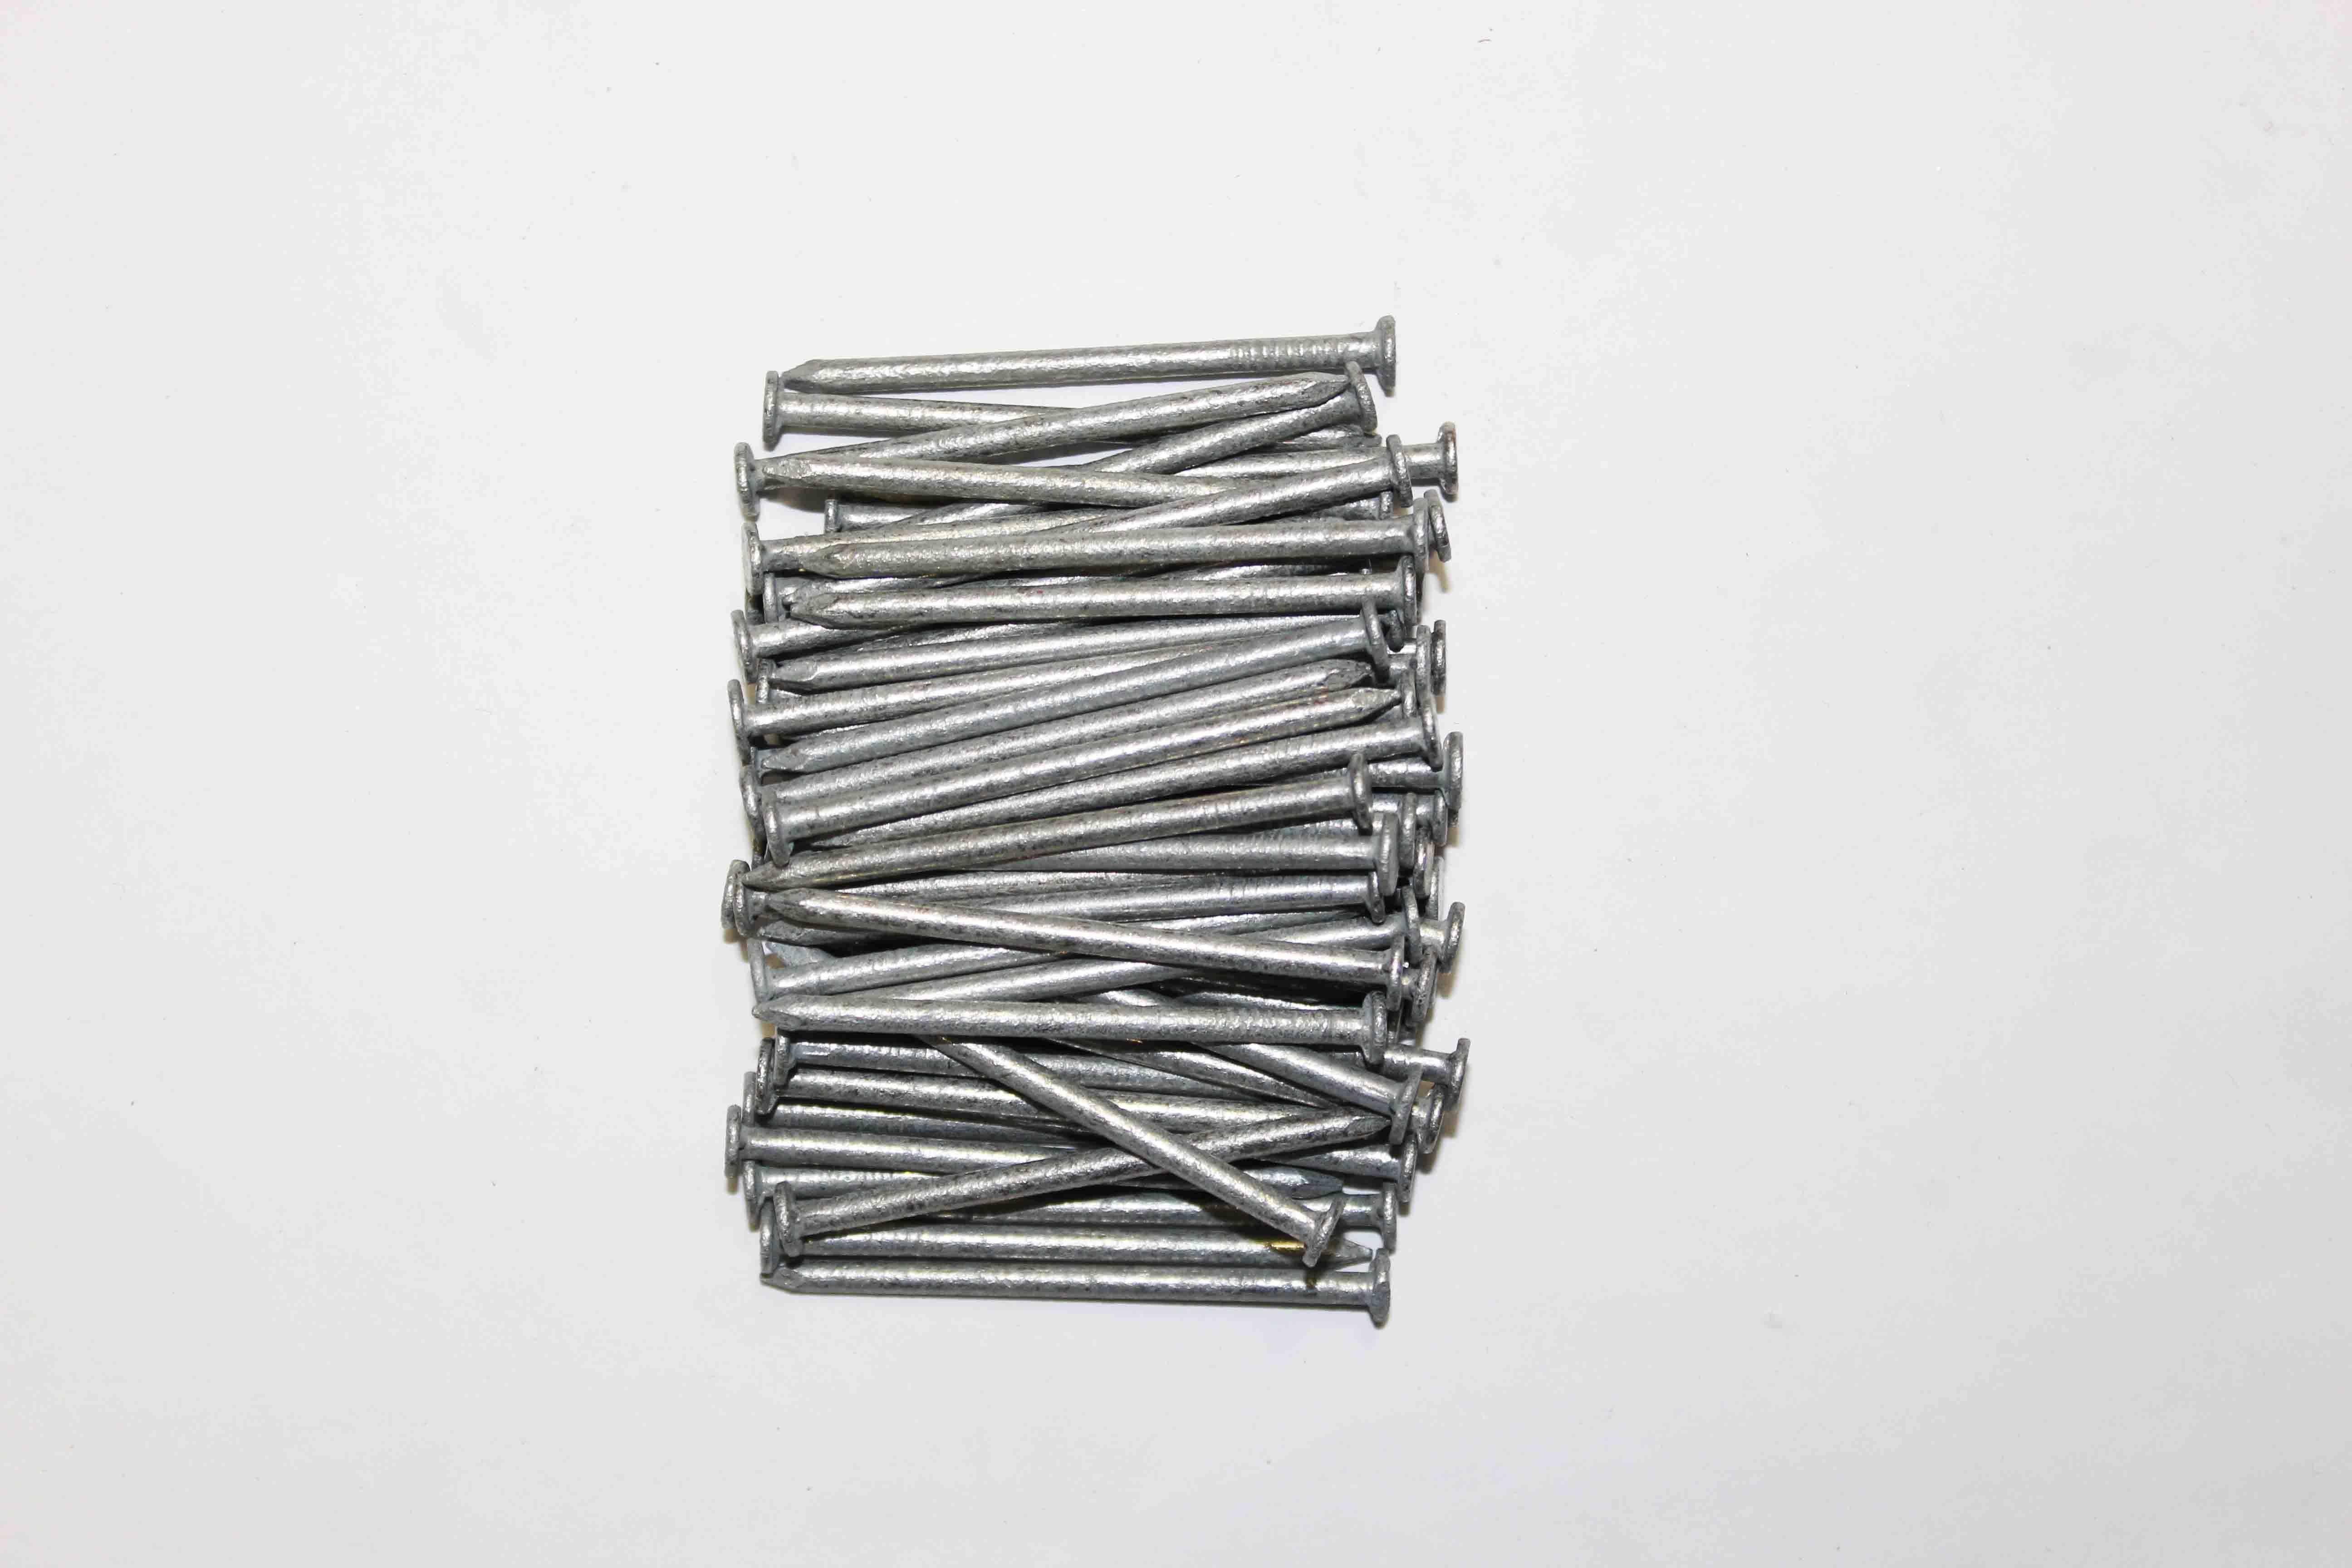 NAIL PLATE Galvanised Mild Steel Pack of 10